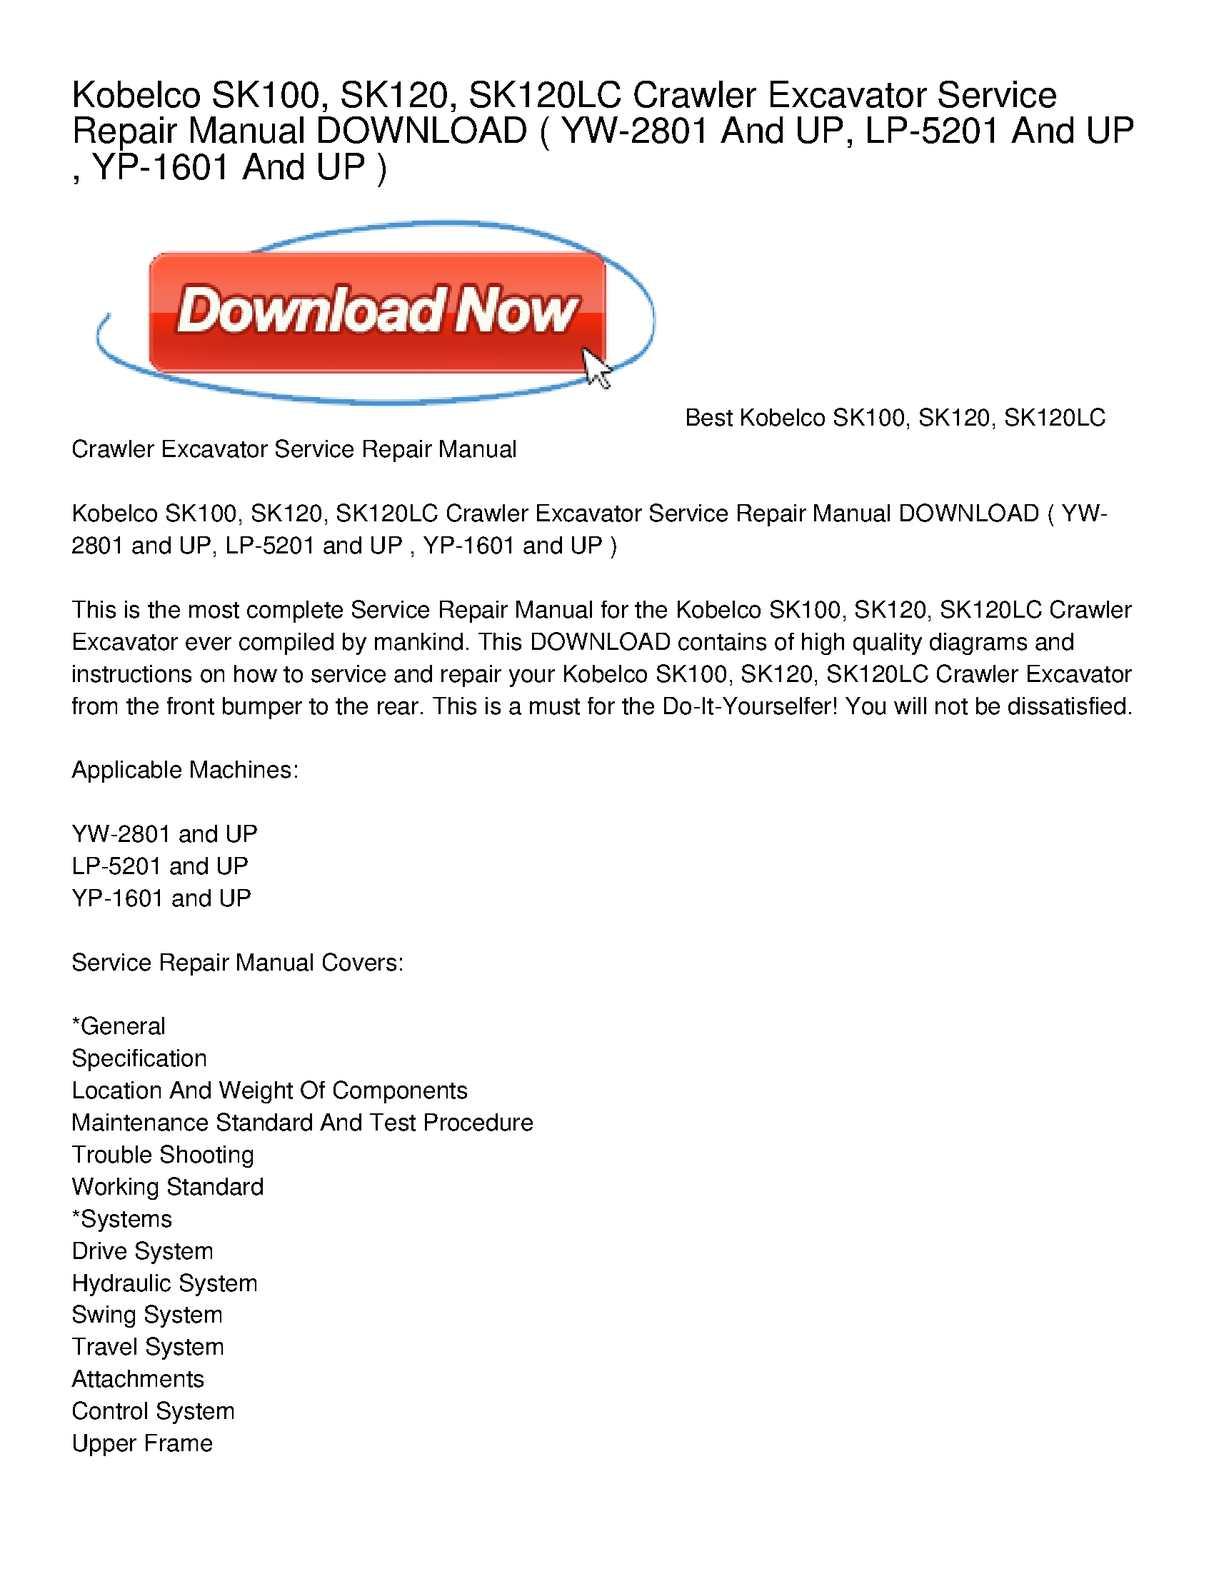 Calaméo - Kobelco SK100, SK120, SK120LC Crawler Excavator Service Repair  Manual DOWNLOAD